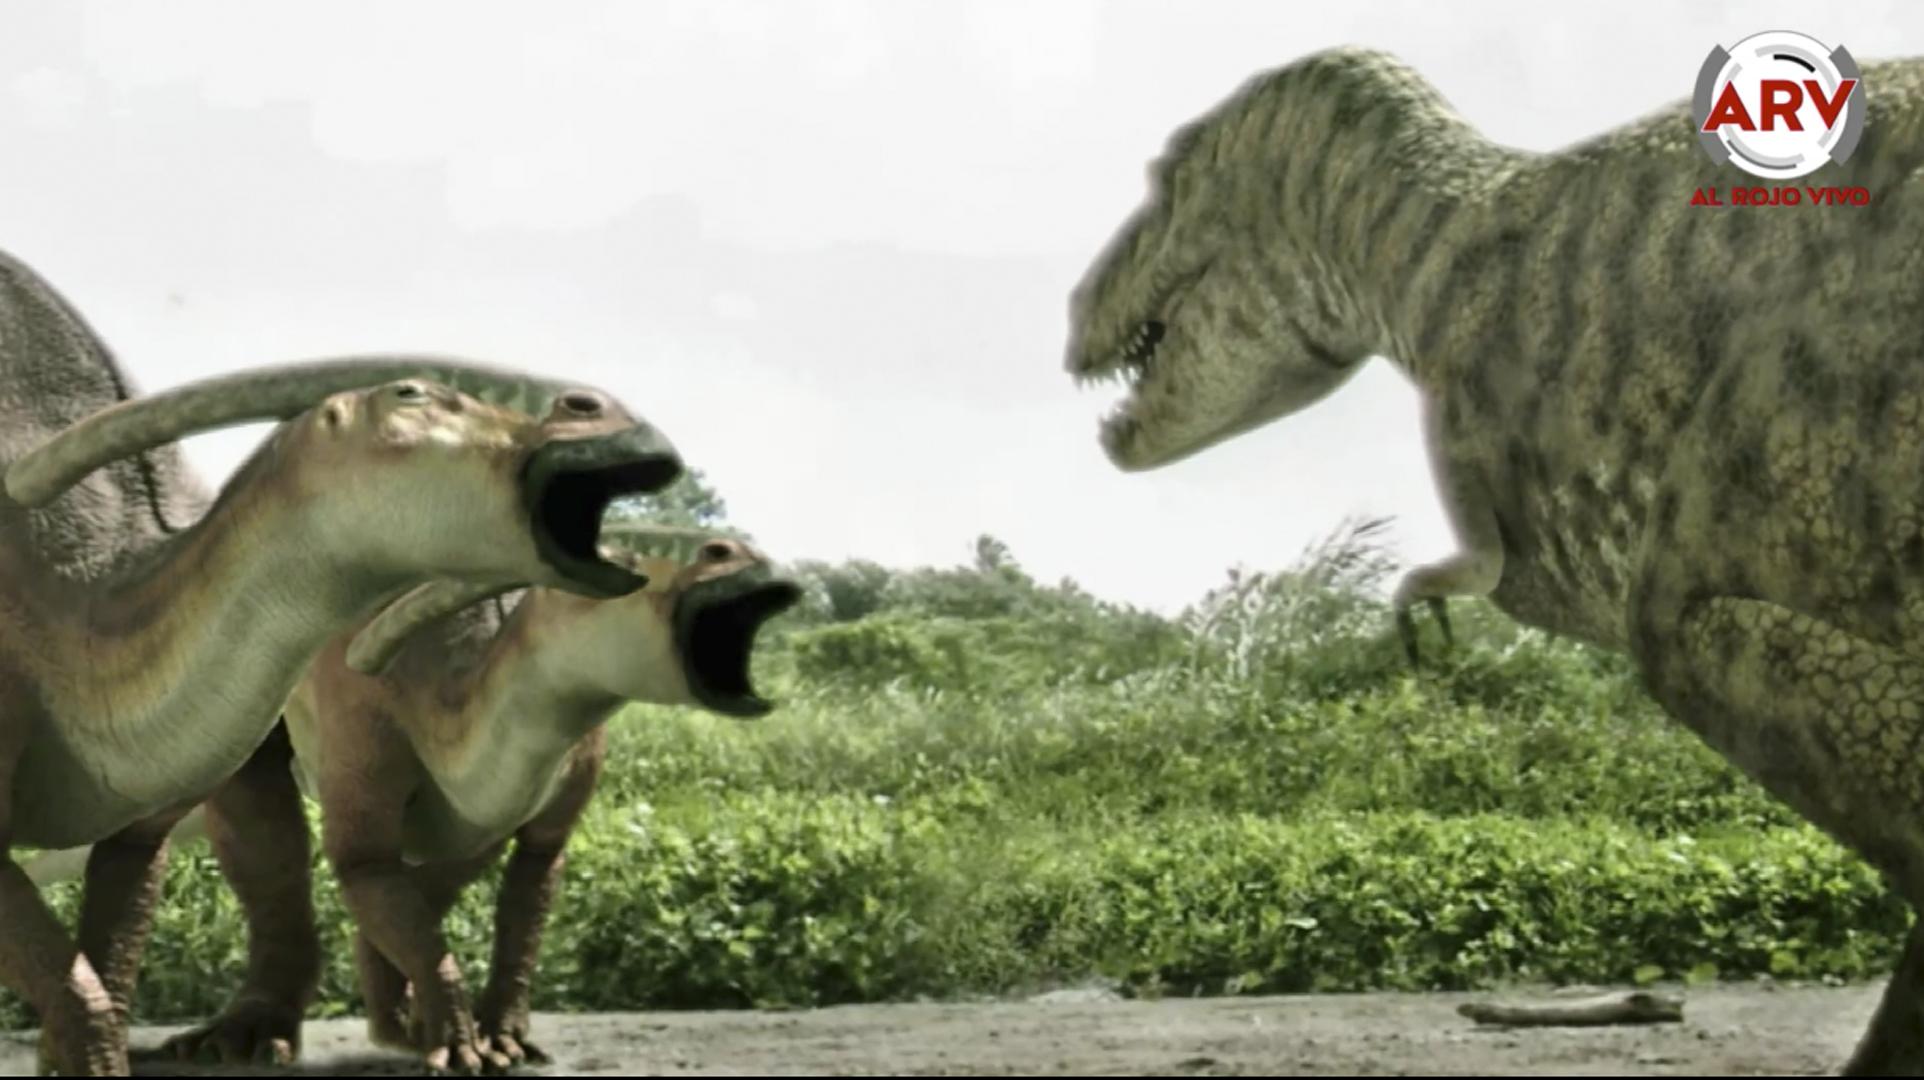 Descubren Por Que Los Dinosaurios Herbivoros Se Volvieron Canibales ¡juega a juegos de dinosaurios desde macrojuegos.com! descubren por que los dinosaurios